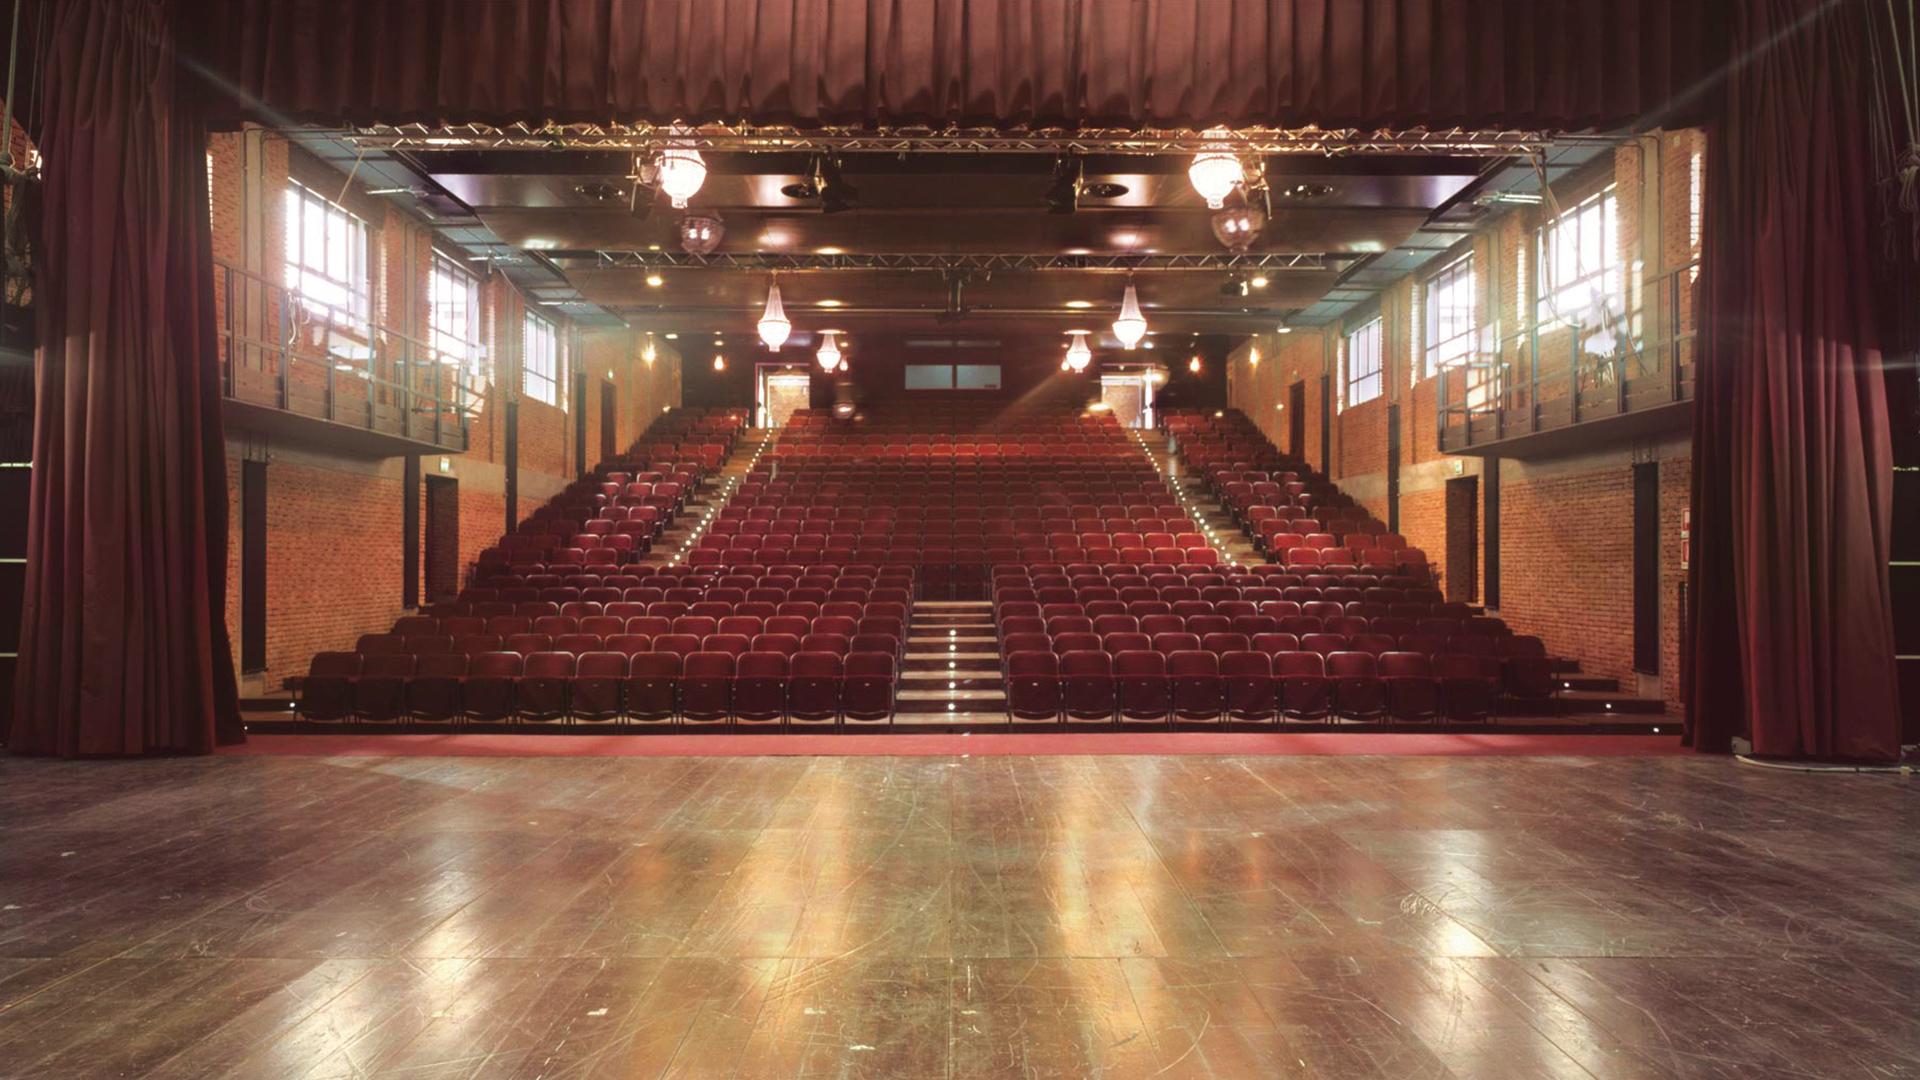 Sale e spazi sala grande 500 posti teatro franco for Sala grande